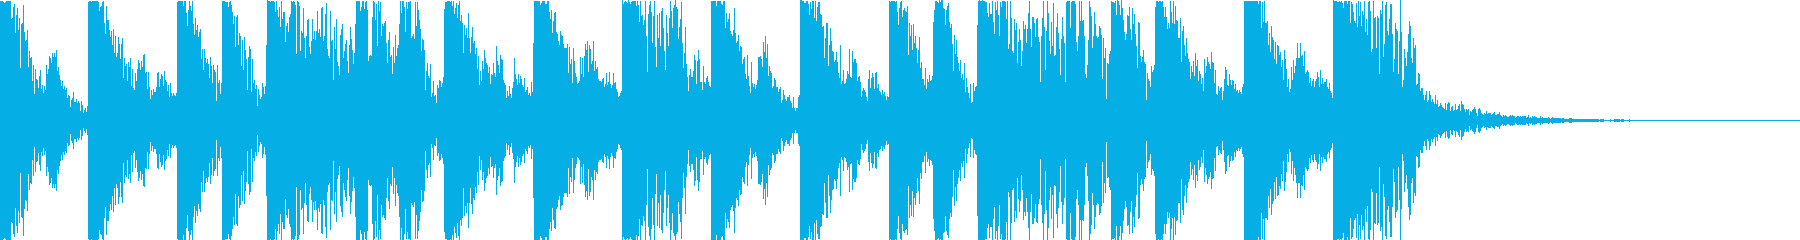 攻撃的でダークなEDM3の再生済みの波形